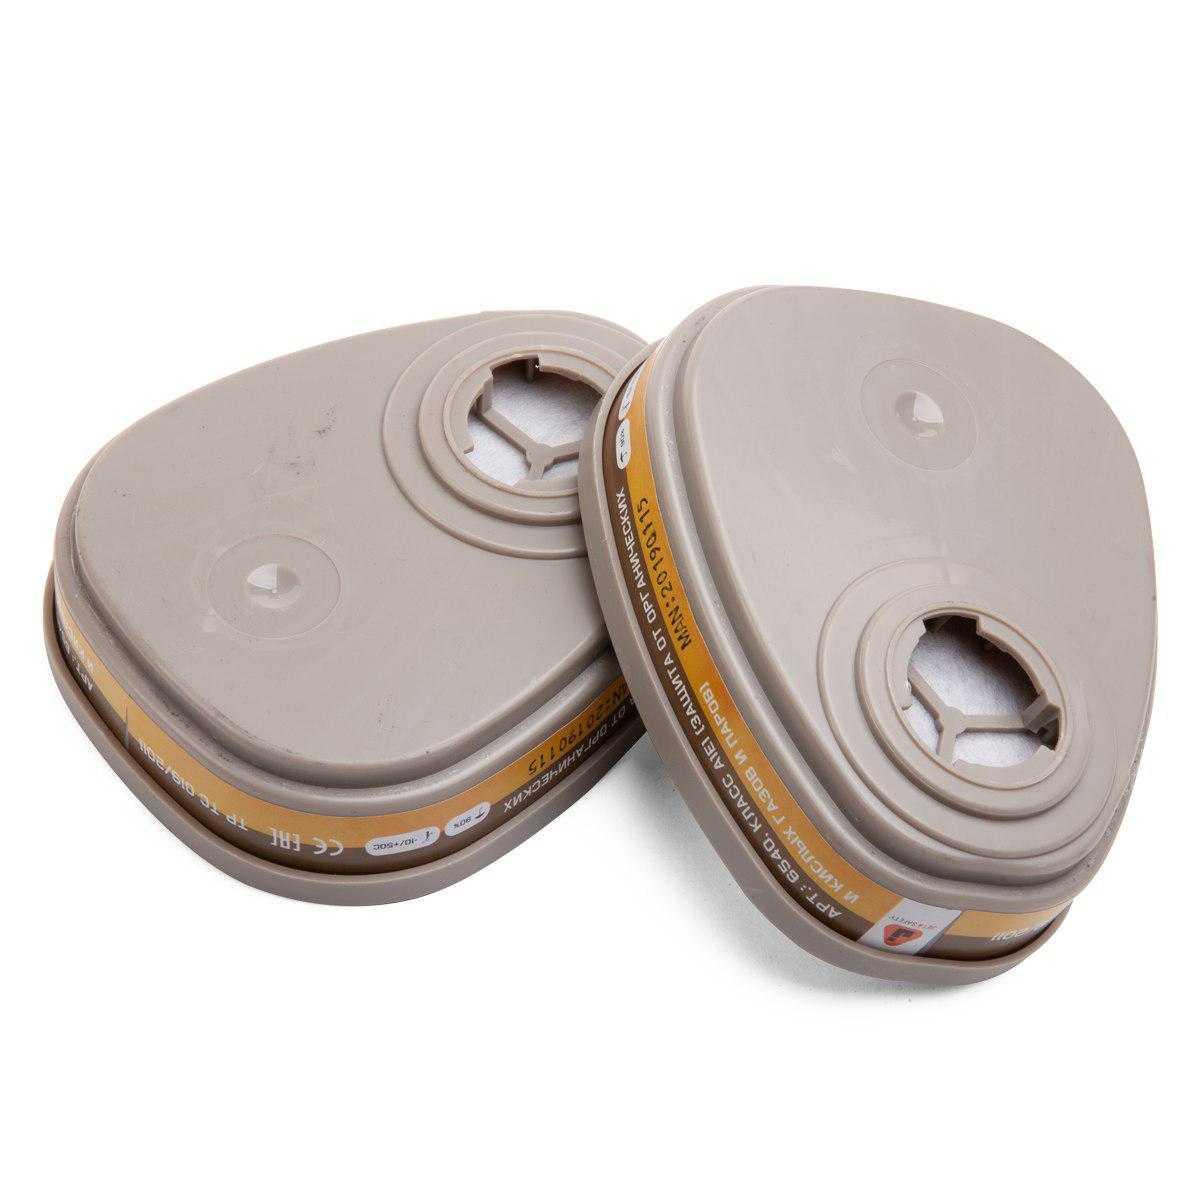 js 6540 pair - Фильтр для защиты от органических паров и кислых газов AE1 6540